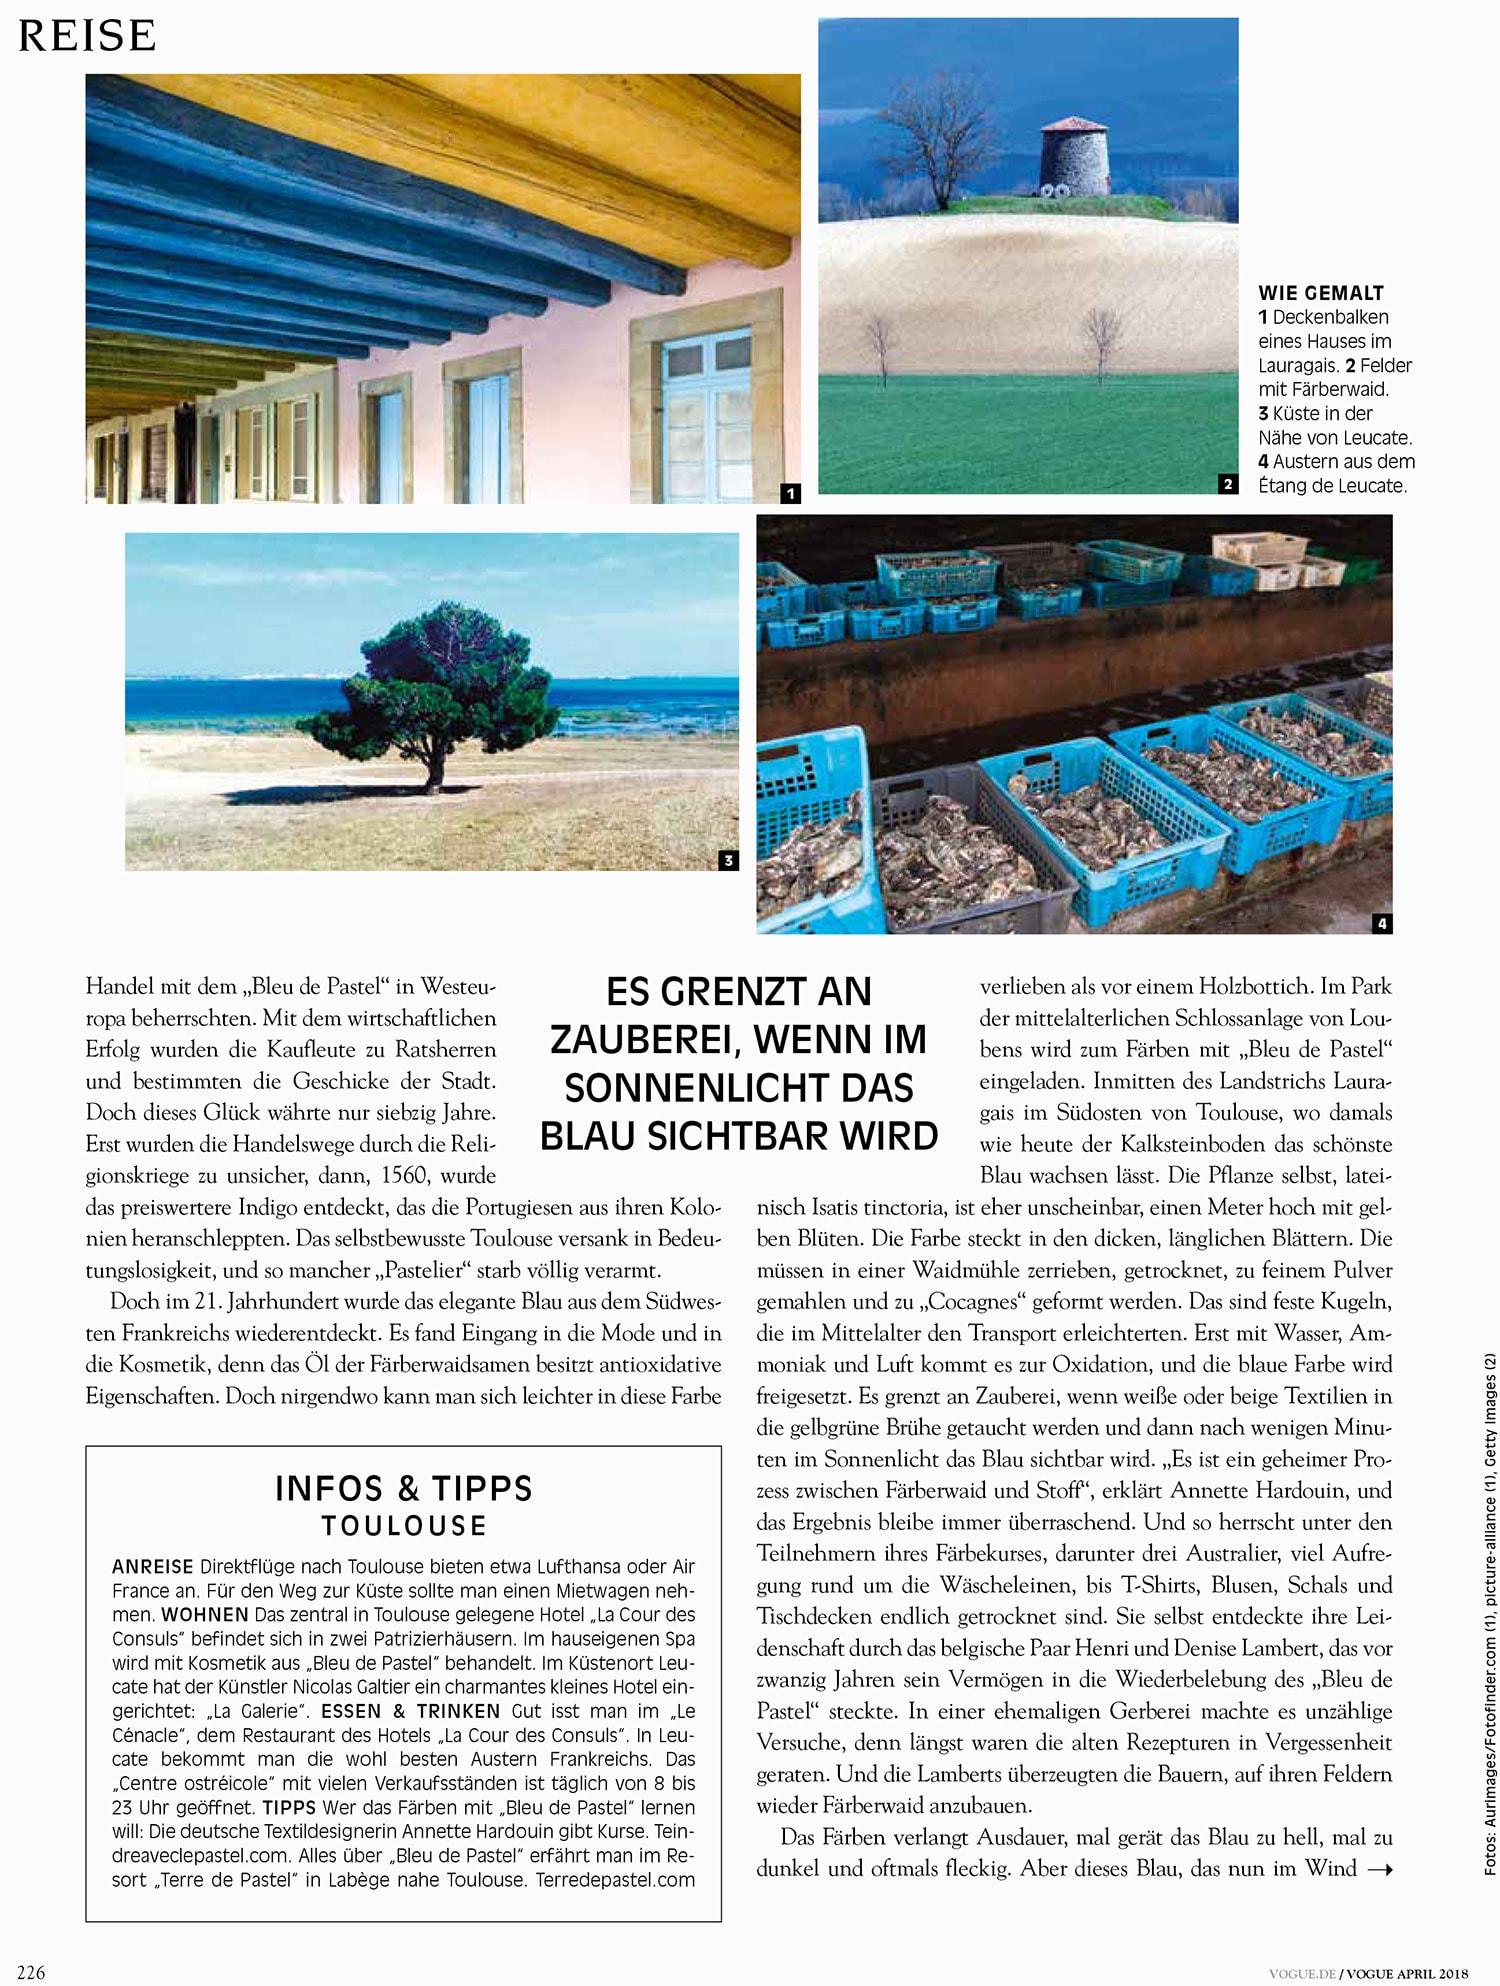 Vogue Artikel Toulouse 3